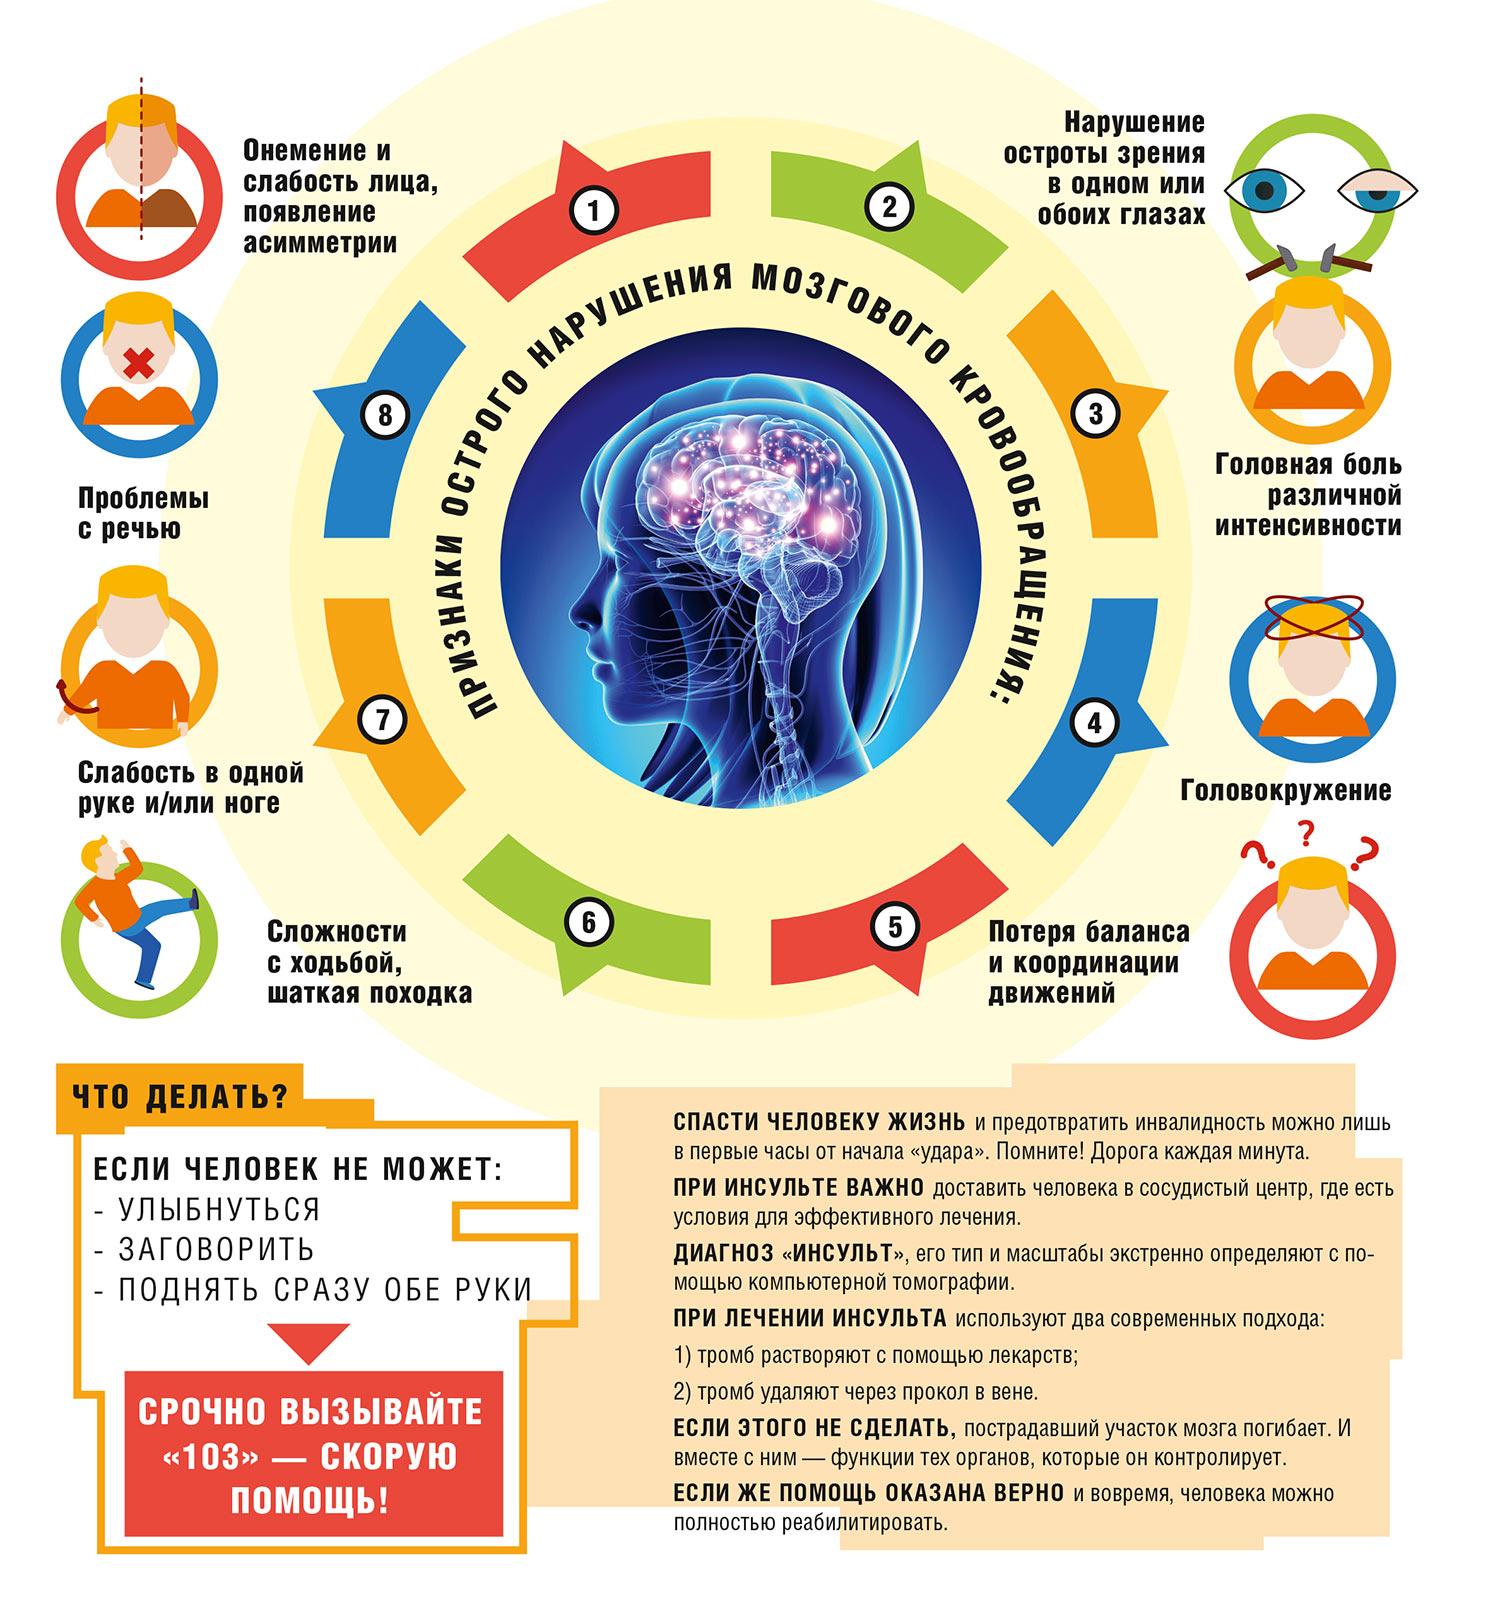 Как распознать инсульт? - Женское здоровье